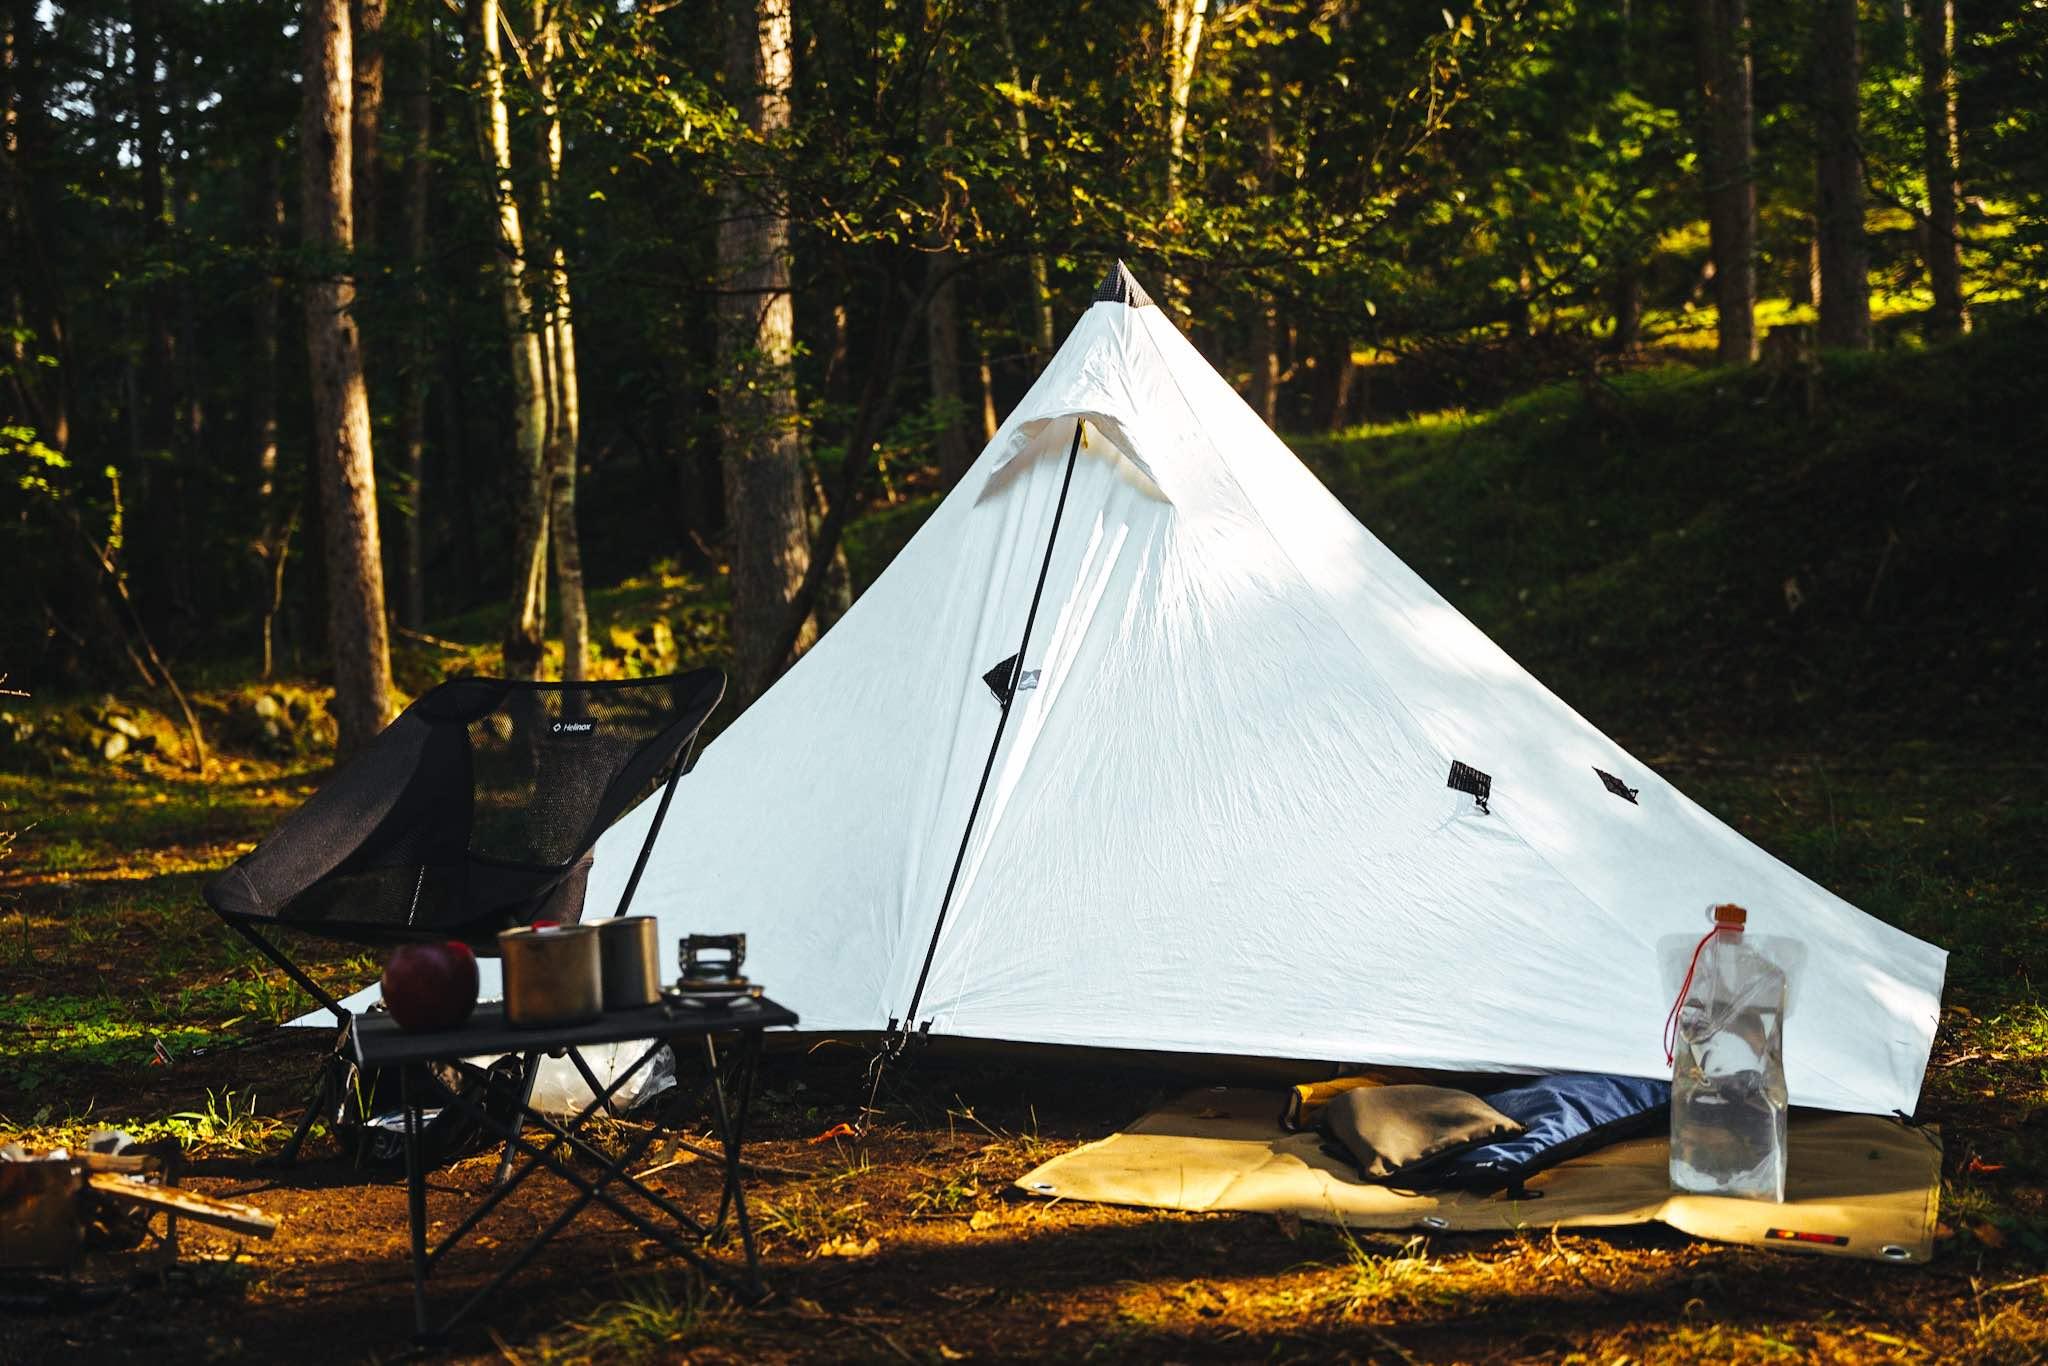 【バックパックでキャンプ】ミニマム・ULスタイルのデメリット